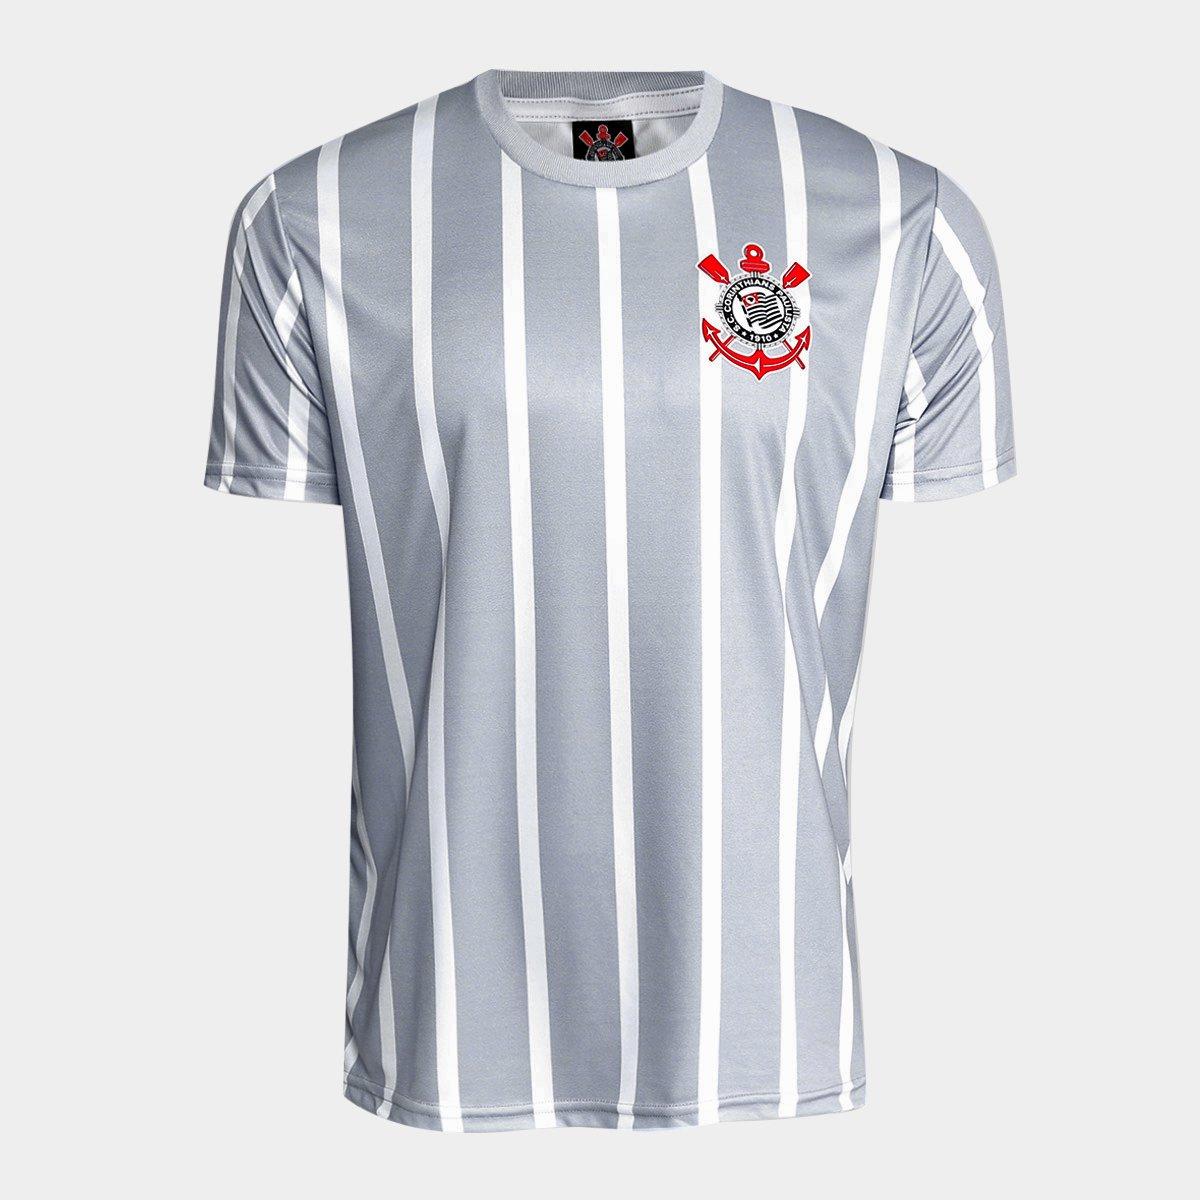 a446bf9a9ea3a Camisa Corinthians 2002 n° 7 Masculina - Branco e Cinza - Compre Agora